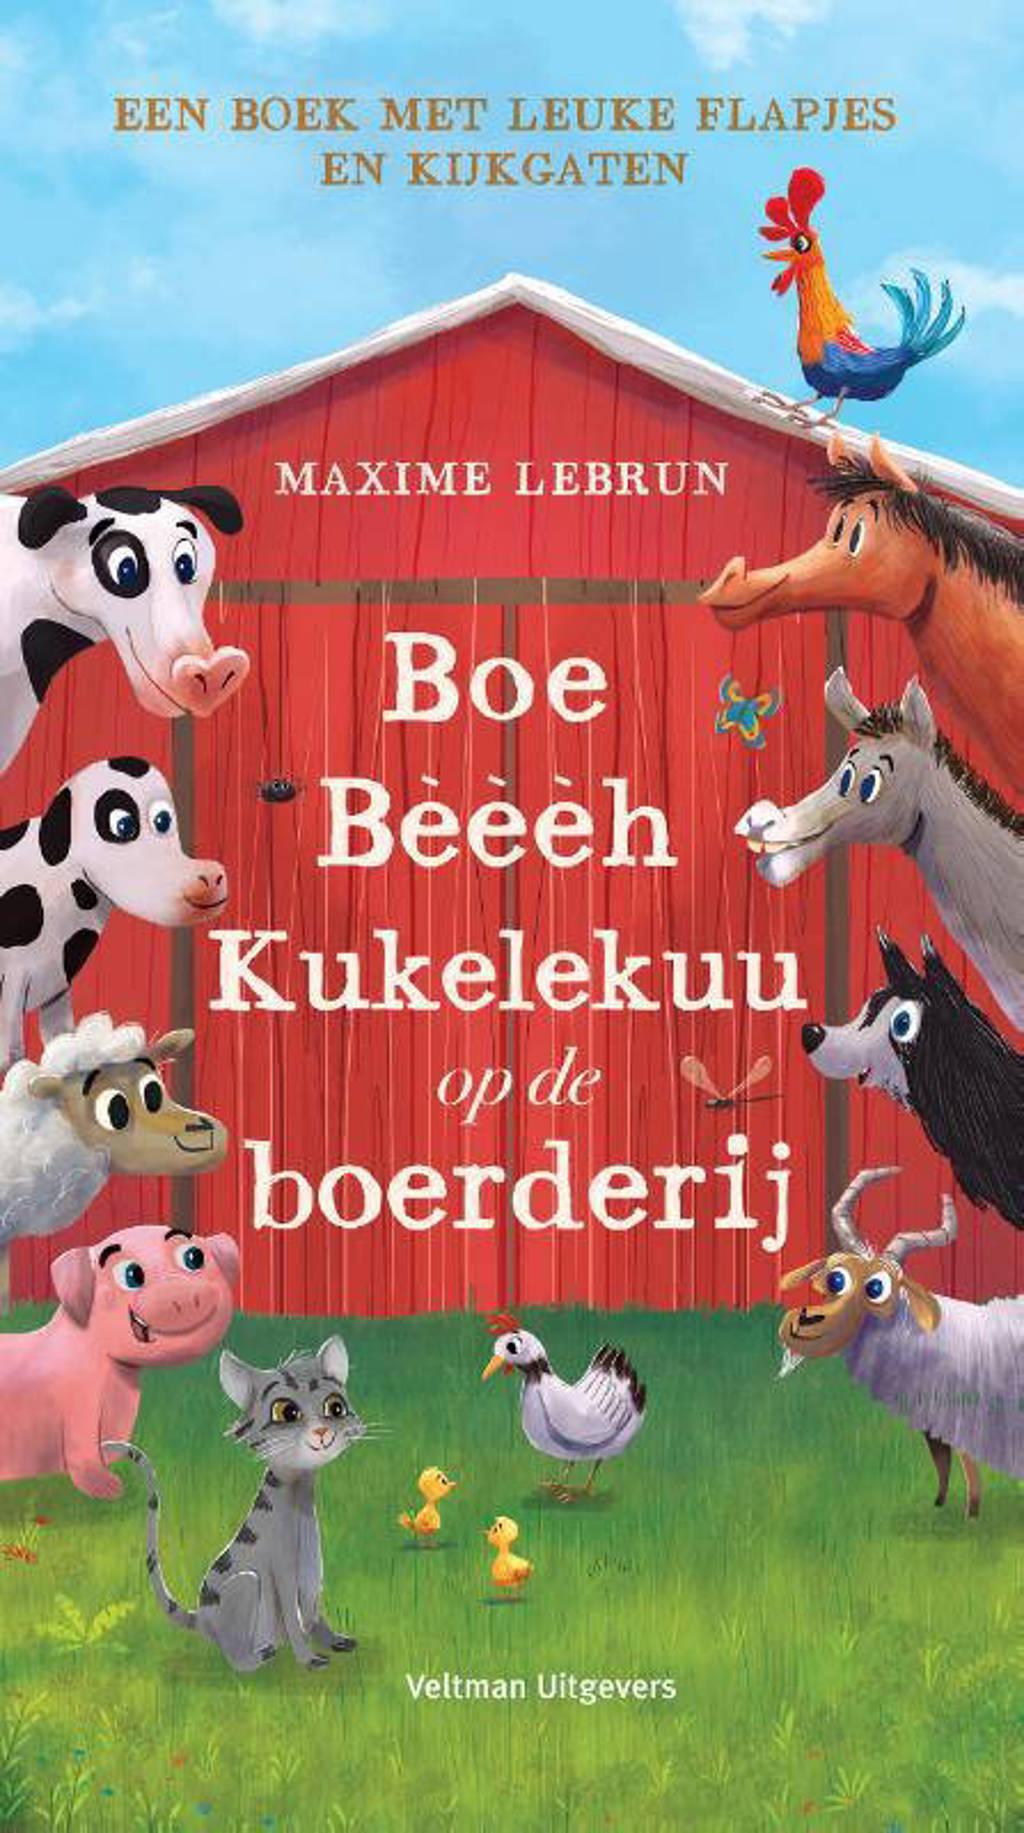 Boe, Bèèèh, Kukelekuu op de boerderij - Maxime Lebrun